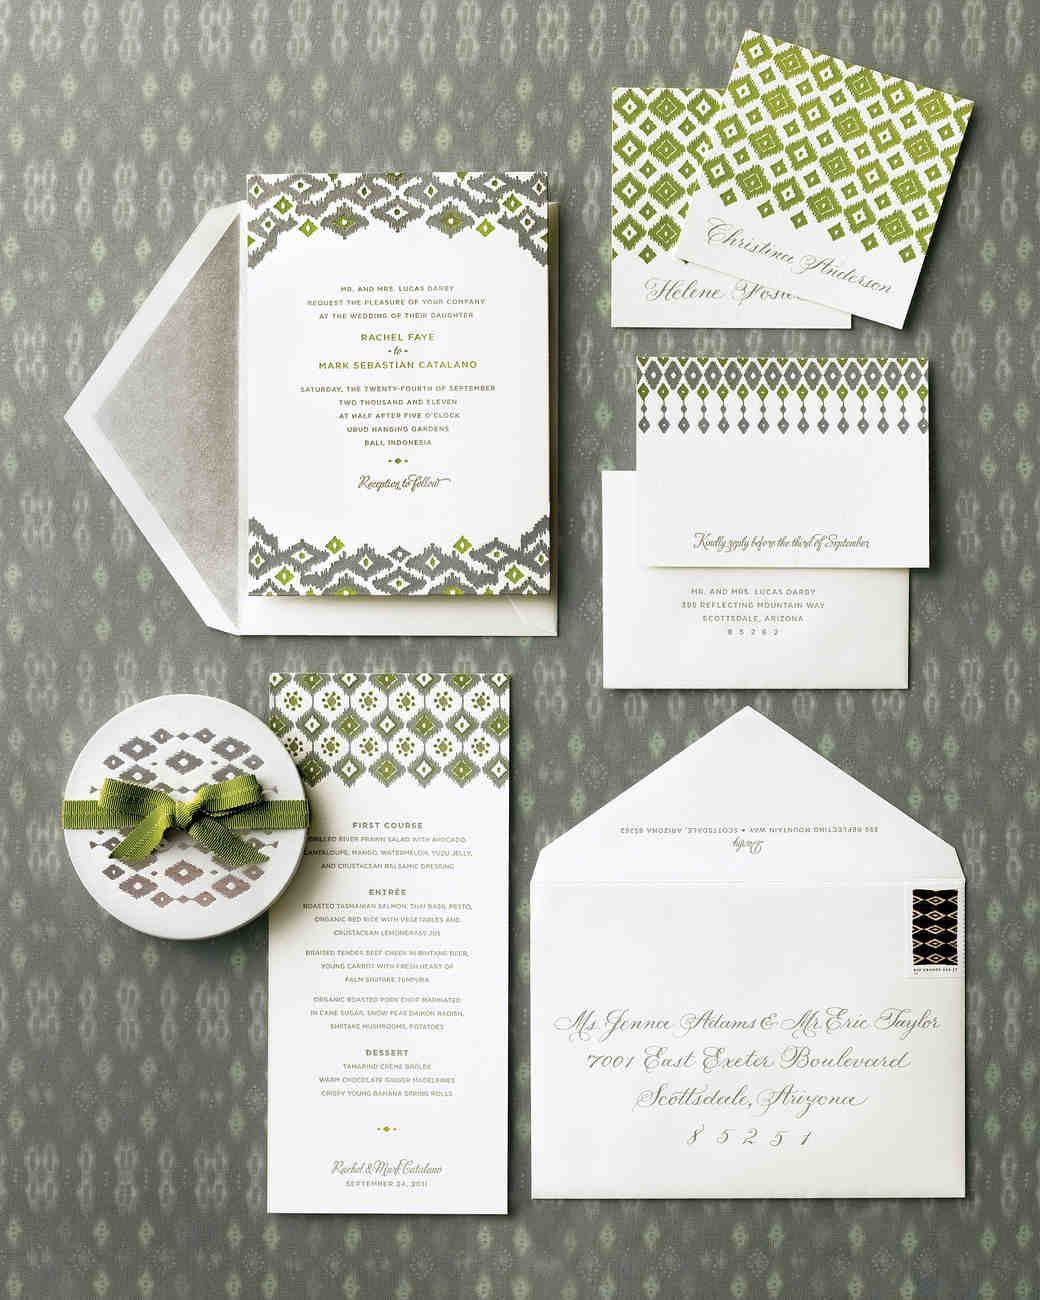 FabricInspired Wedding Invitations Martha Stewart Weddings